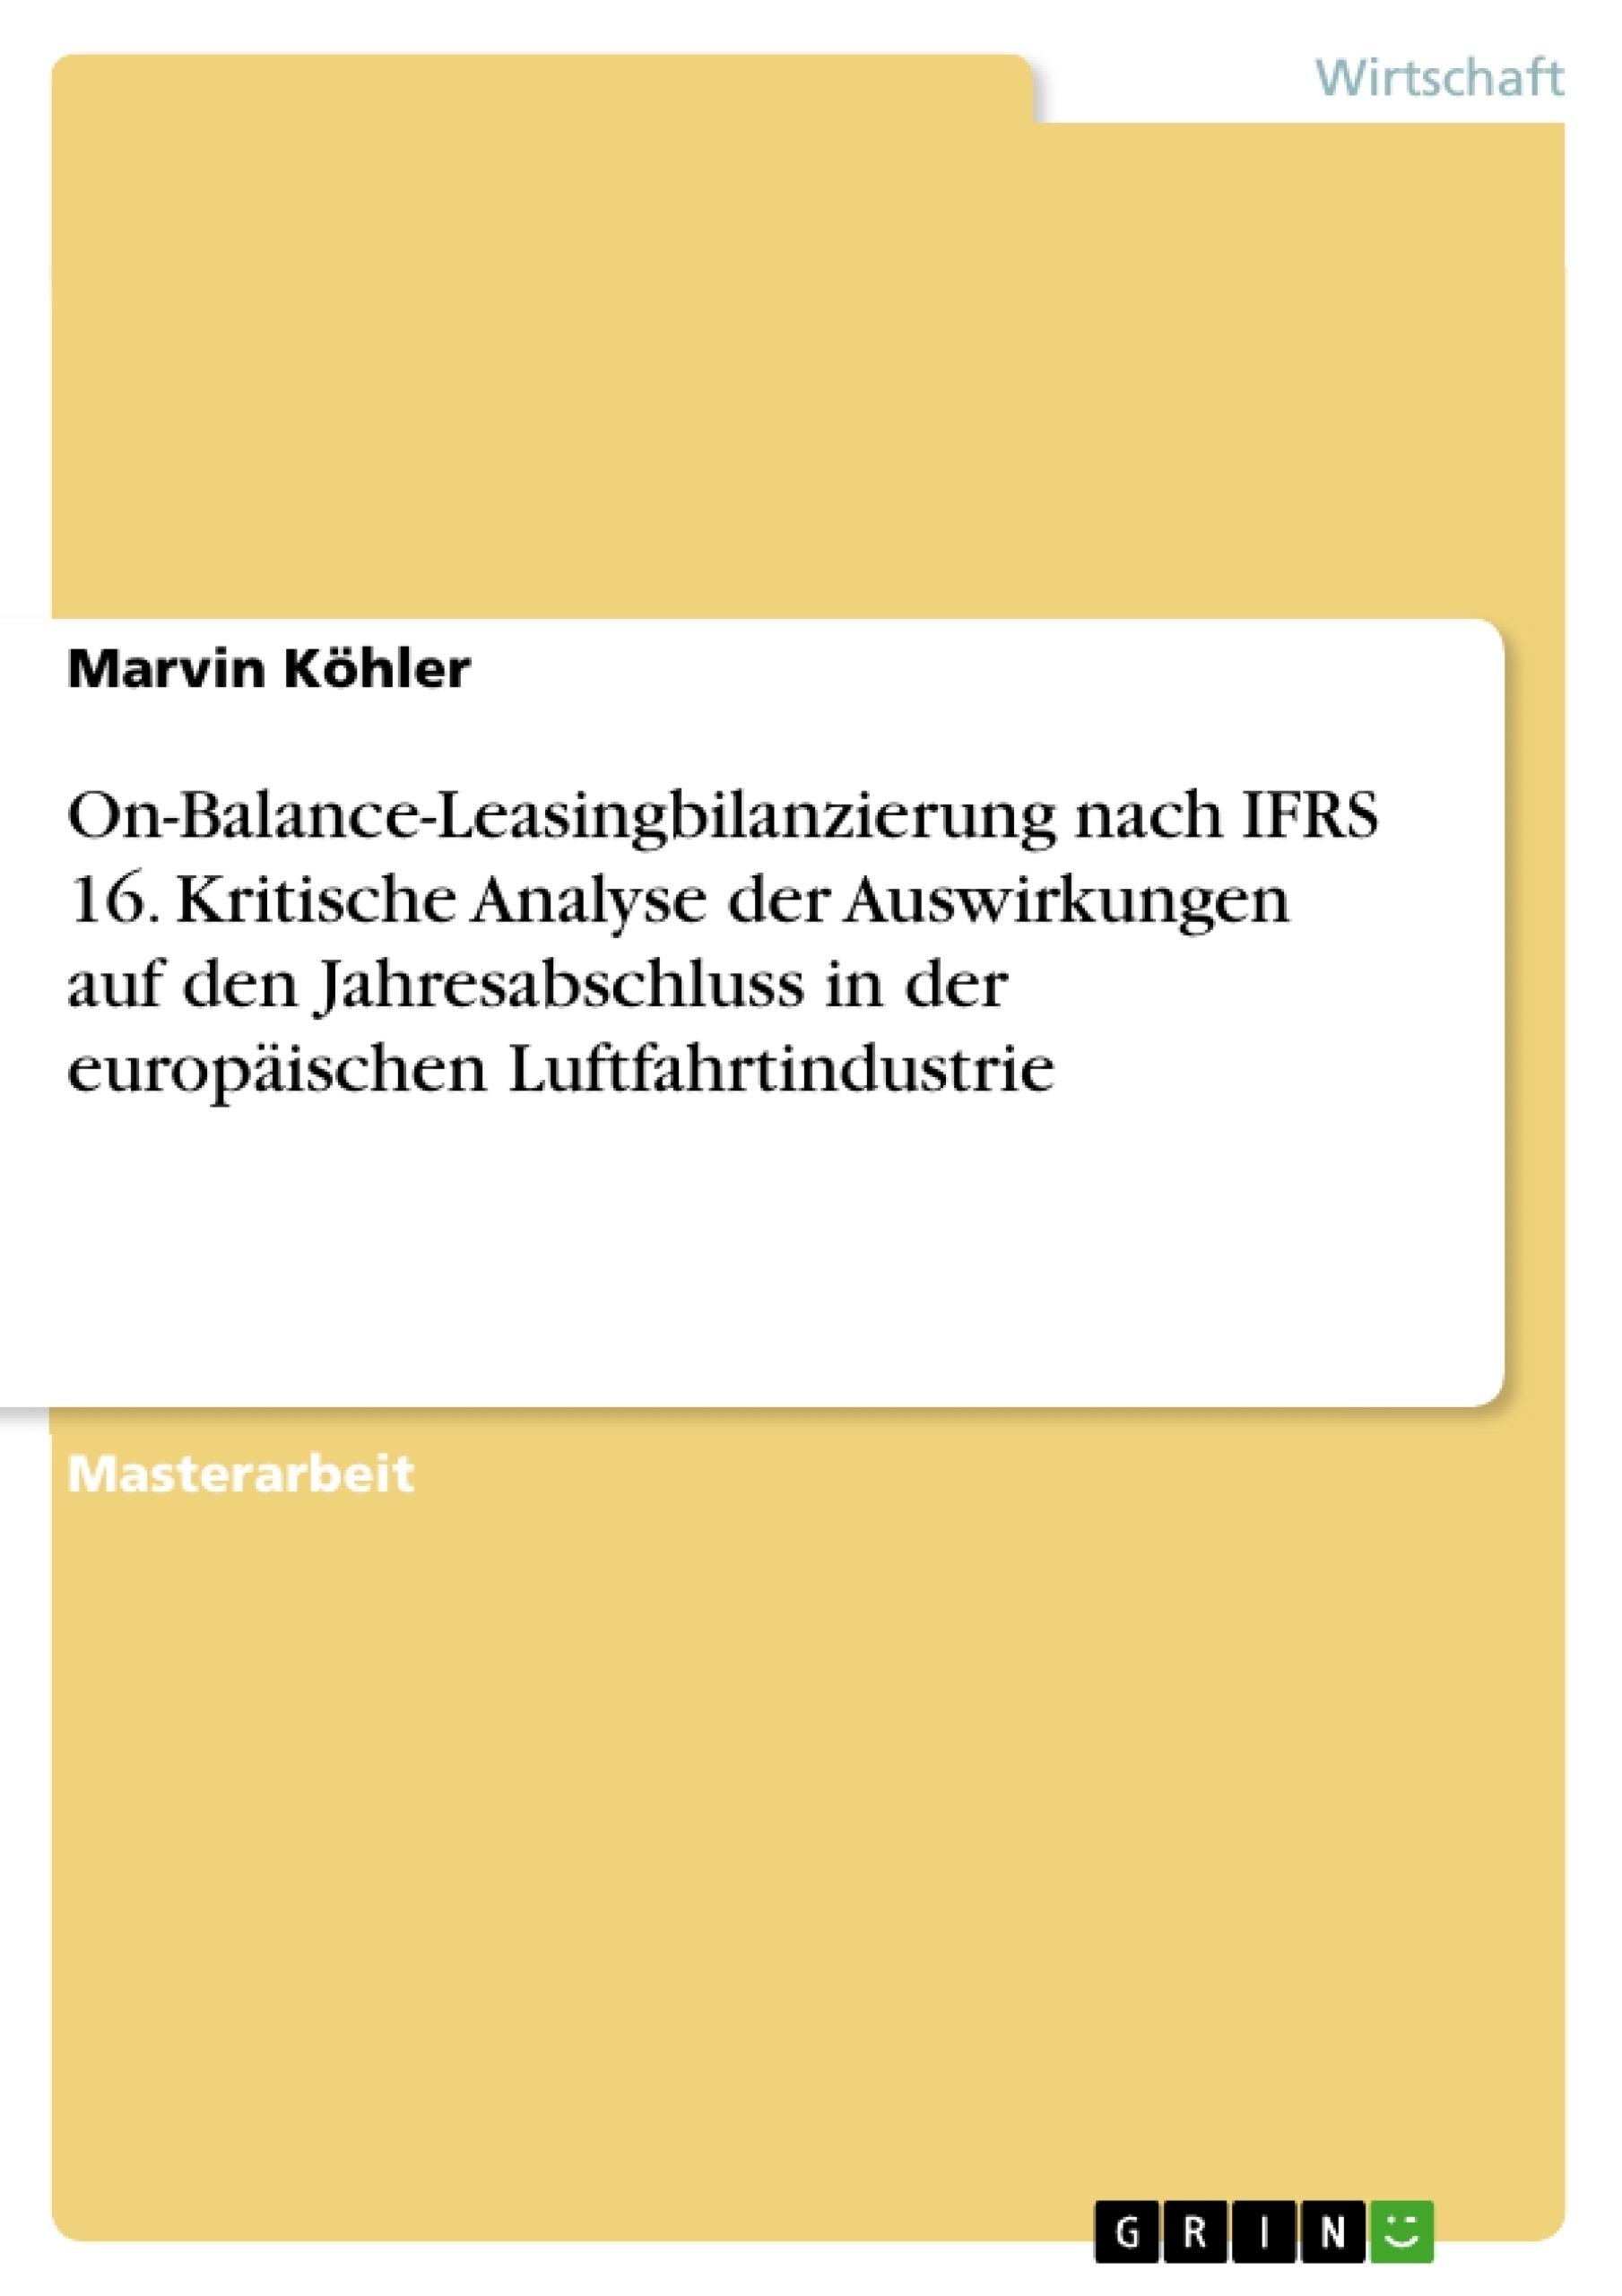 Titel: On-Balance-Leasingbilanzierung nach IFRS 16. Kritische Analyse der Auswirkungen auf den Jahresabschluss in der europäischen Luftfahrtindustrie